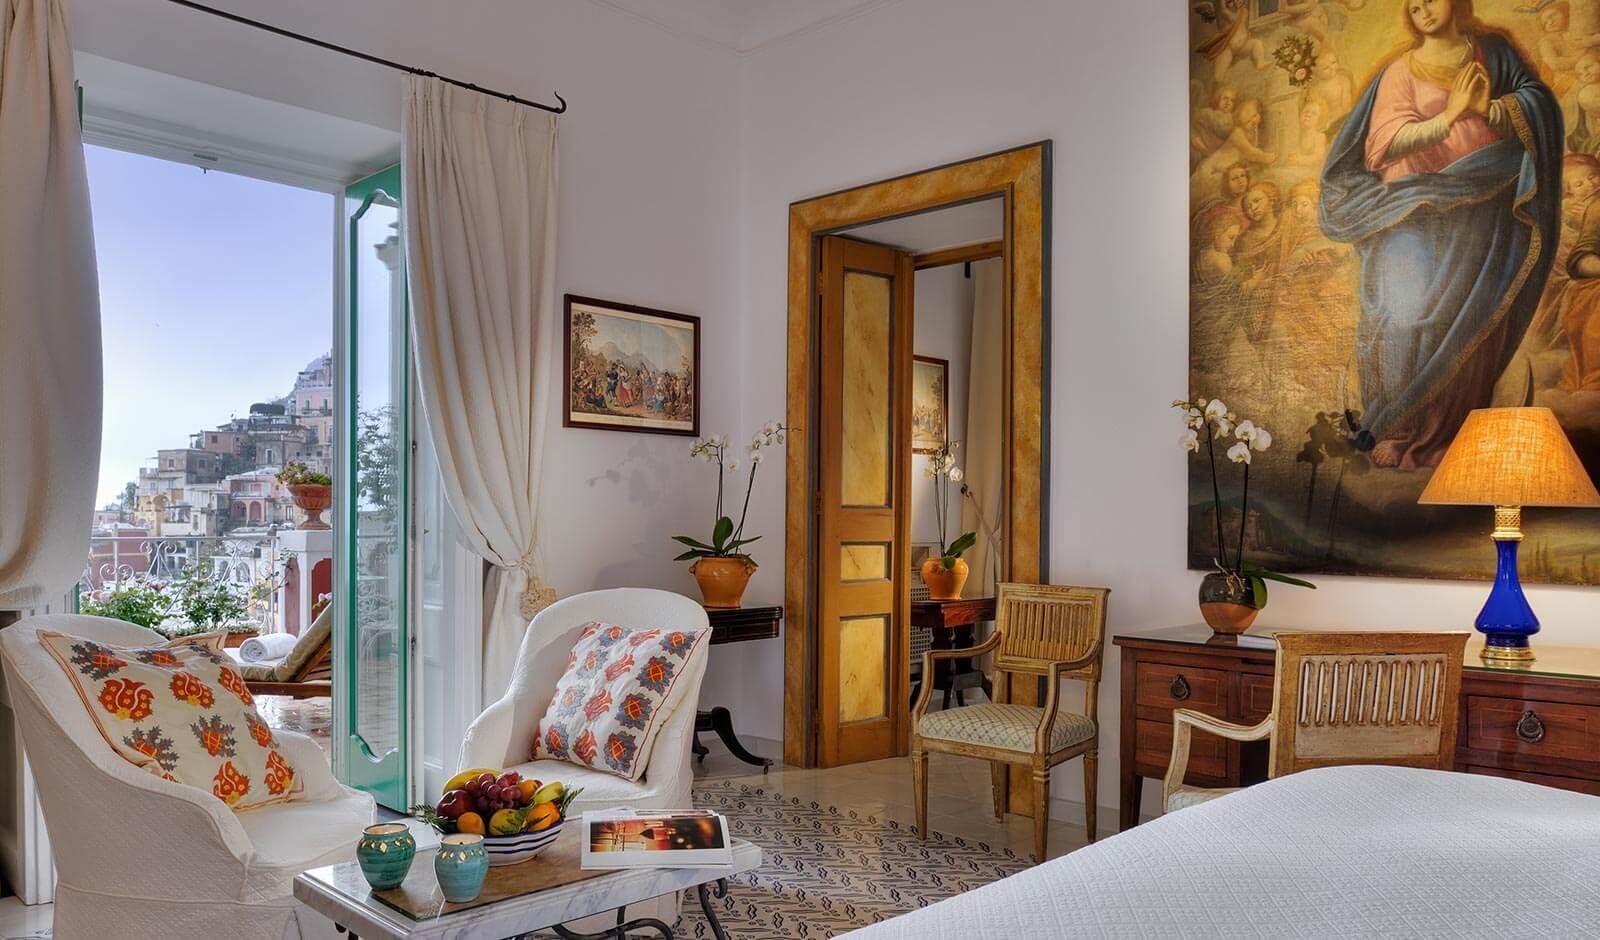 Le salon d'une Suite de l'hôtel Sirenuse (Positano, Italie)